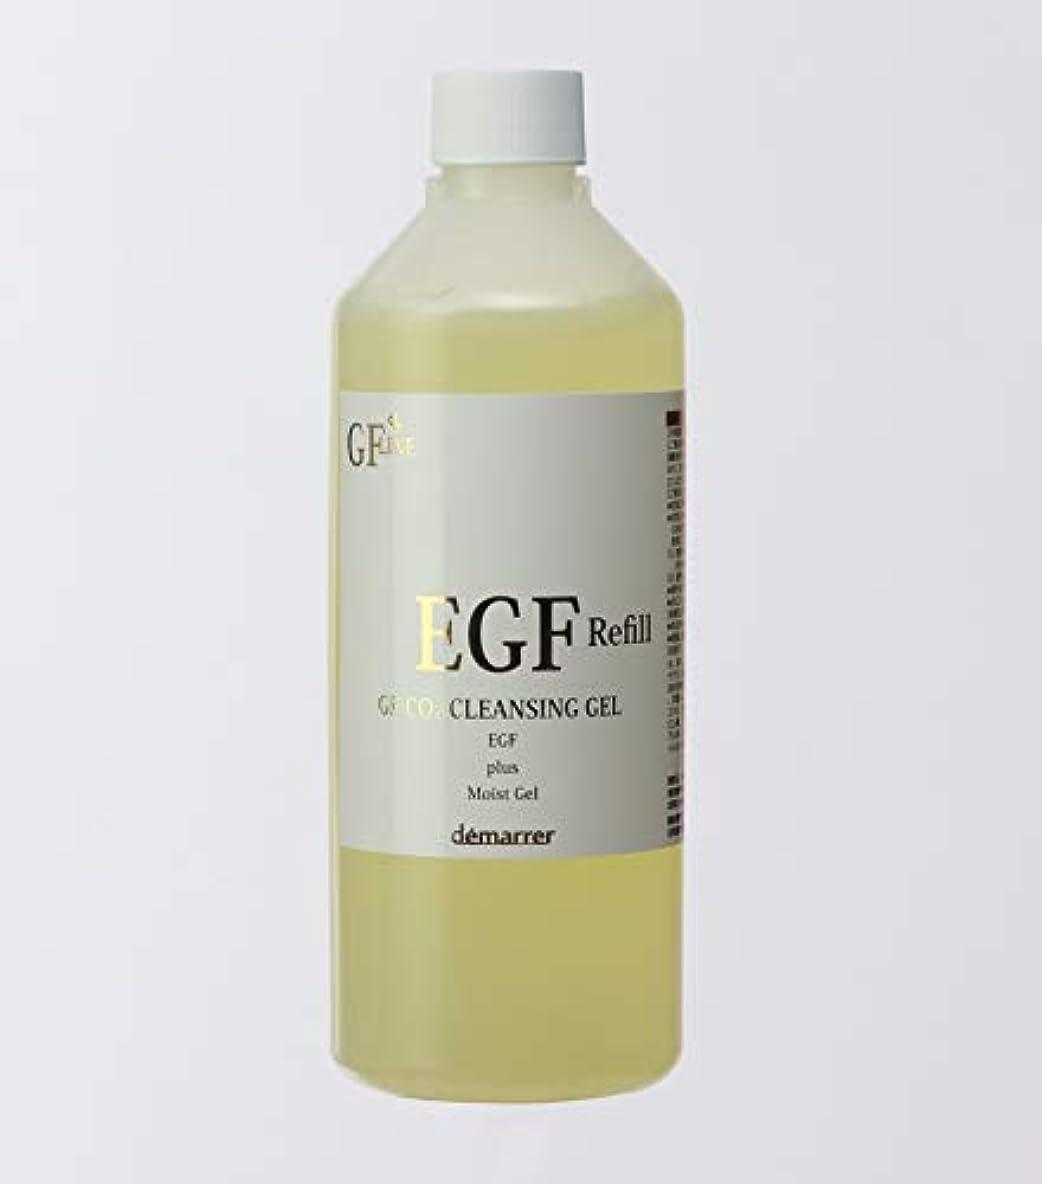 すばらしいです改革美しいデマレ GF 炭酸洗顔クレンジング 400g レフィル